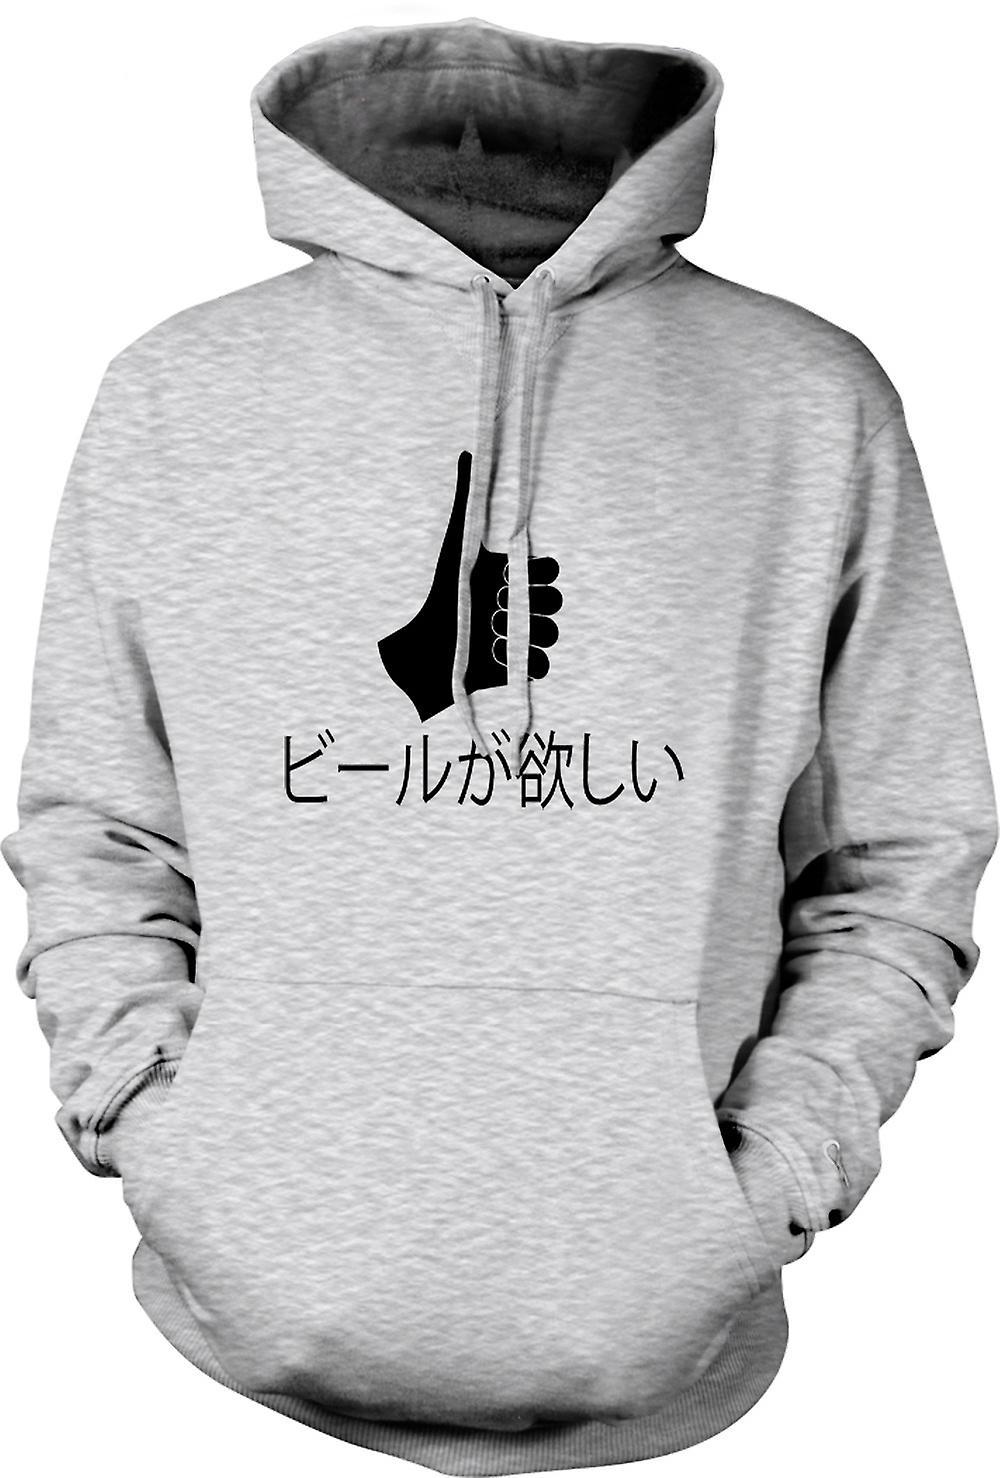 Mens Hoodie - Thumbs Japanese - Funny